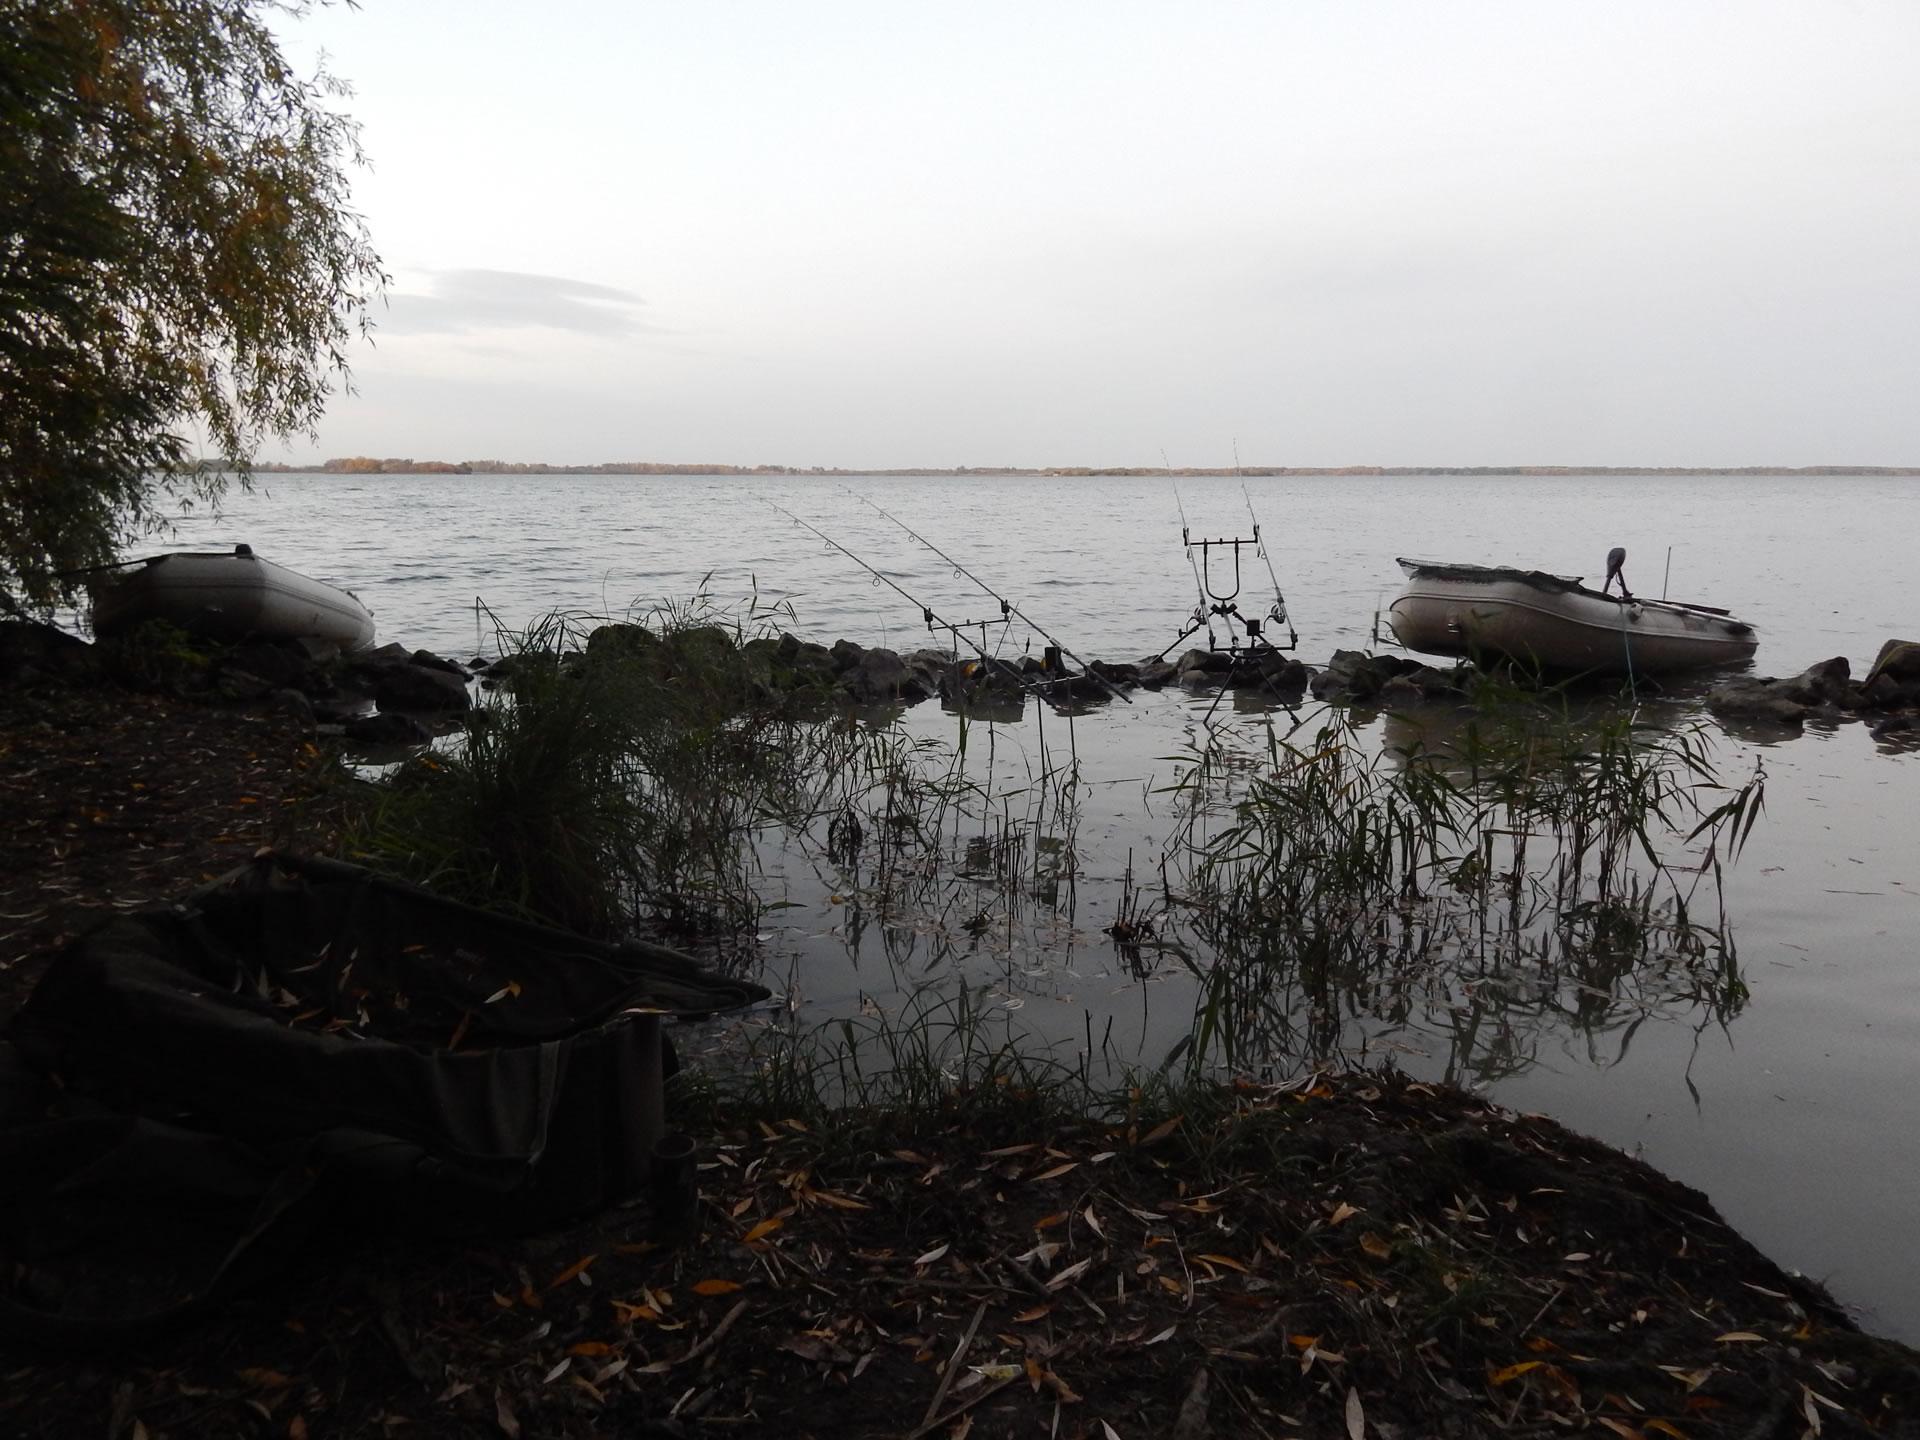 Horgászhelyünk: egy kis pont az óriási vízen